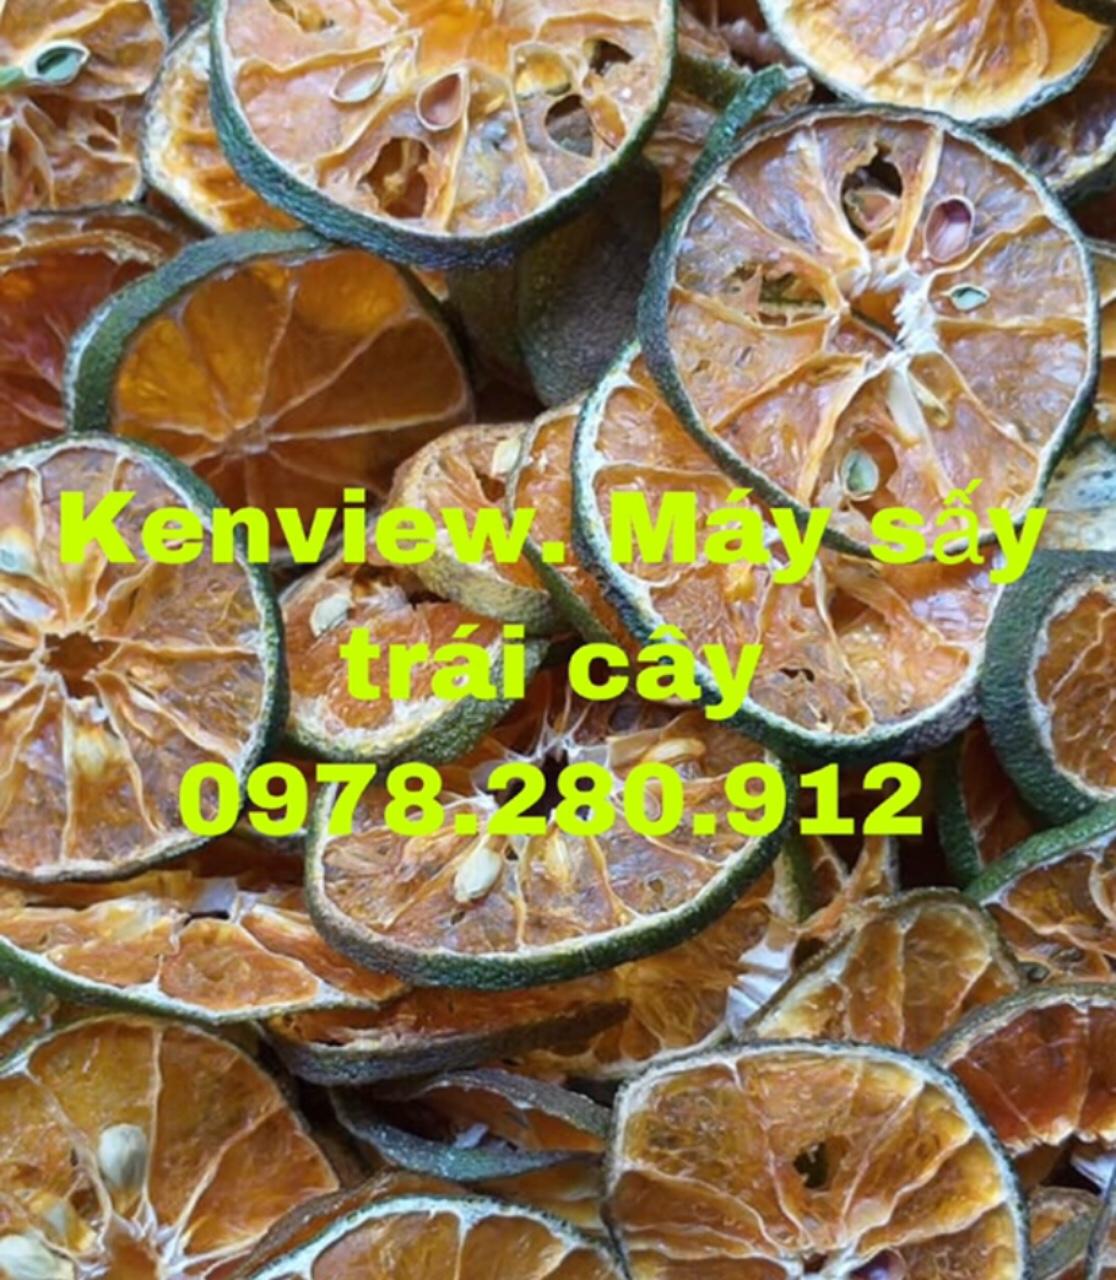 Máy sấy Kenview. Máy sấy hoa quả, trái cây chính hãng tại TP.HCM.0978.280.912